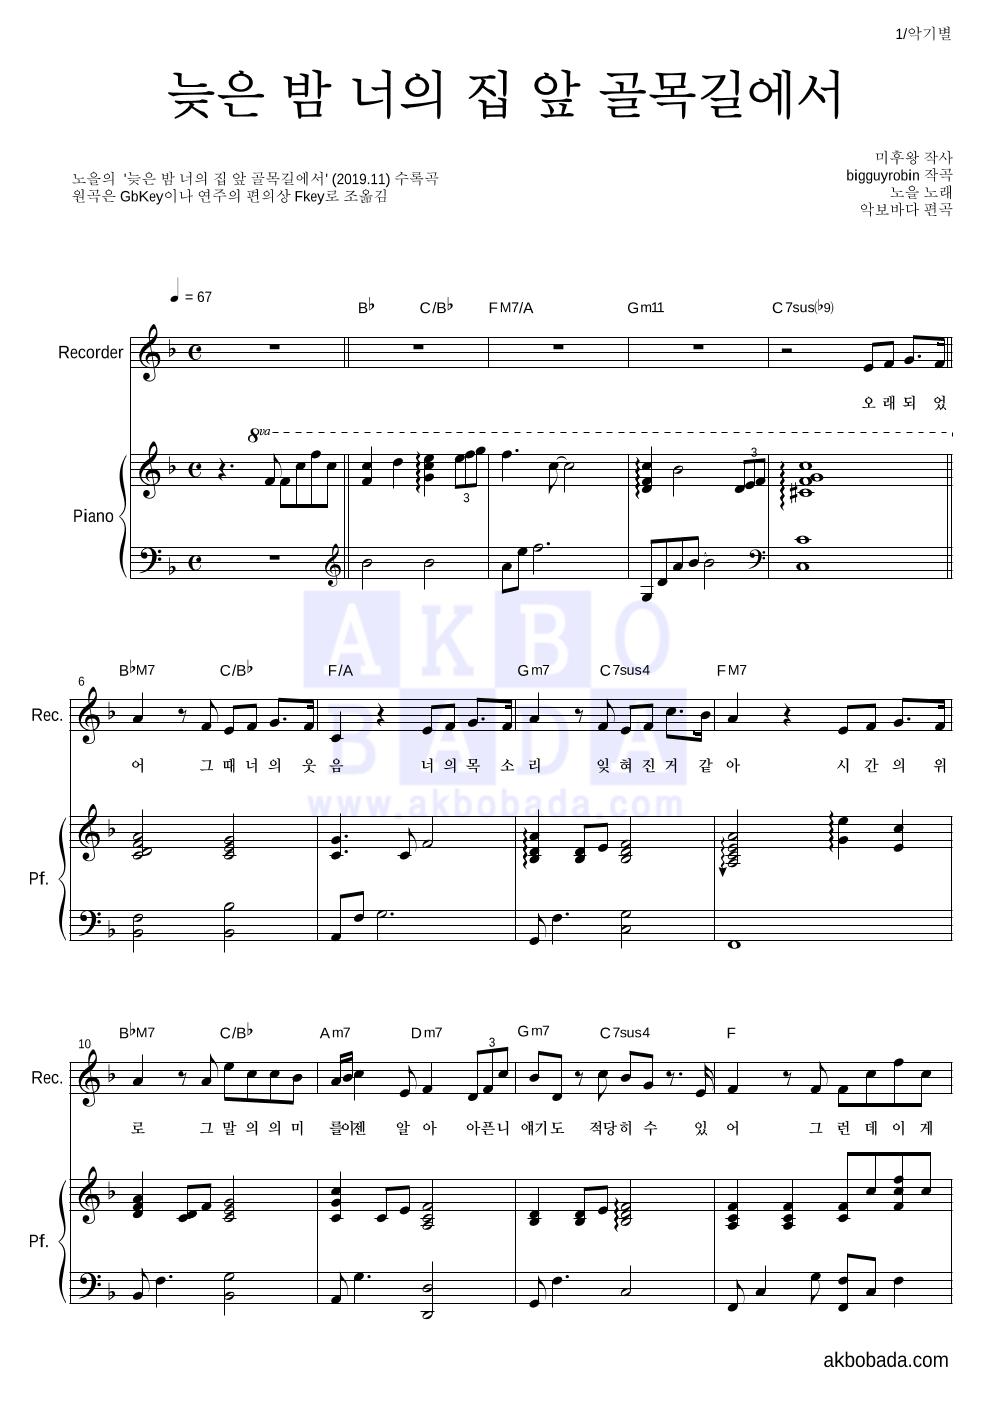 노을 - 늦은 밤 너의 집 앞 골목길에서 리코더&피아노 악보